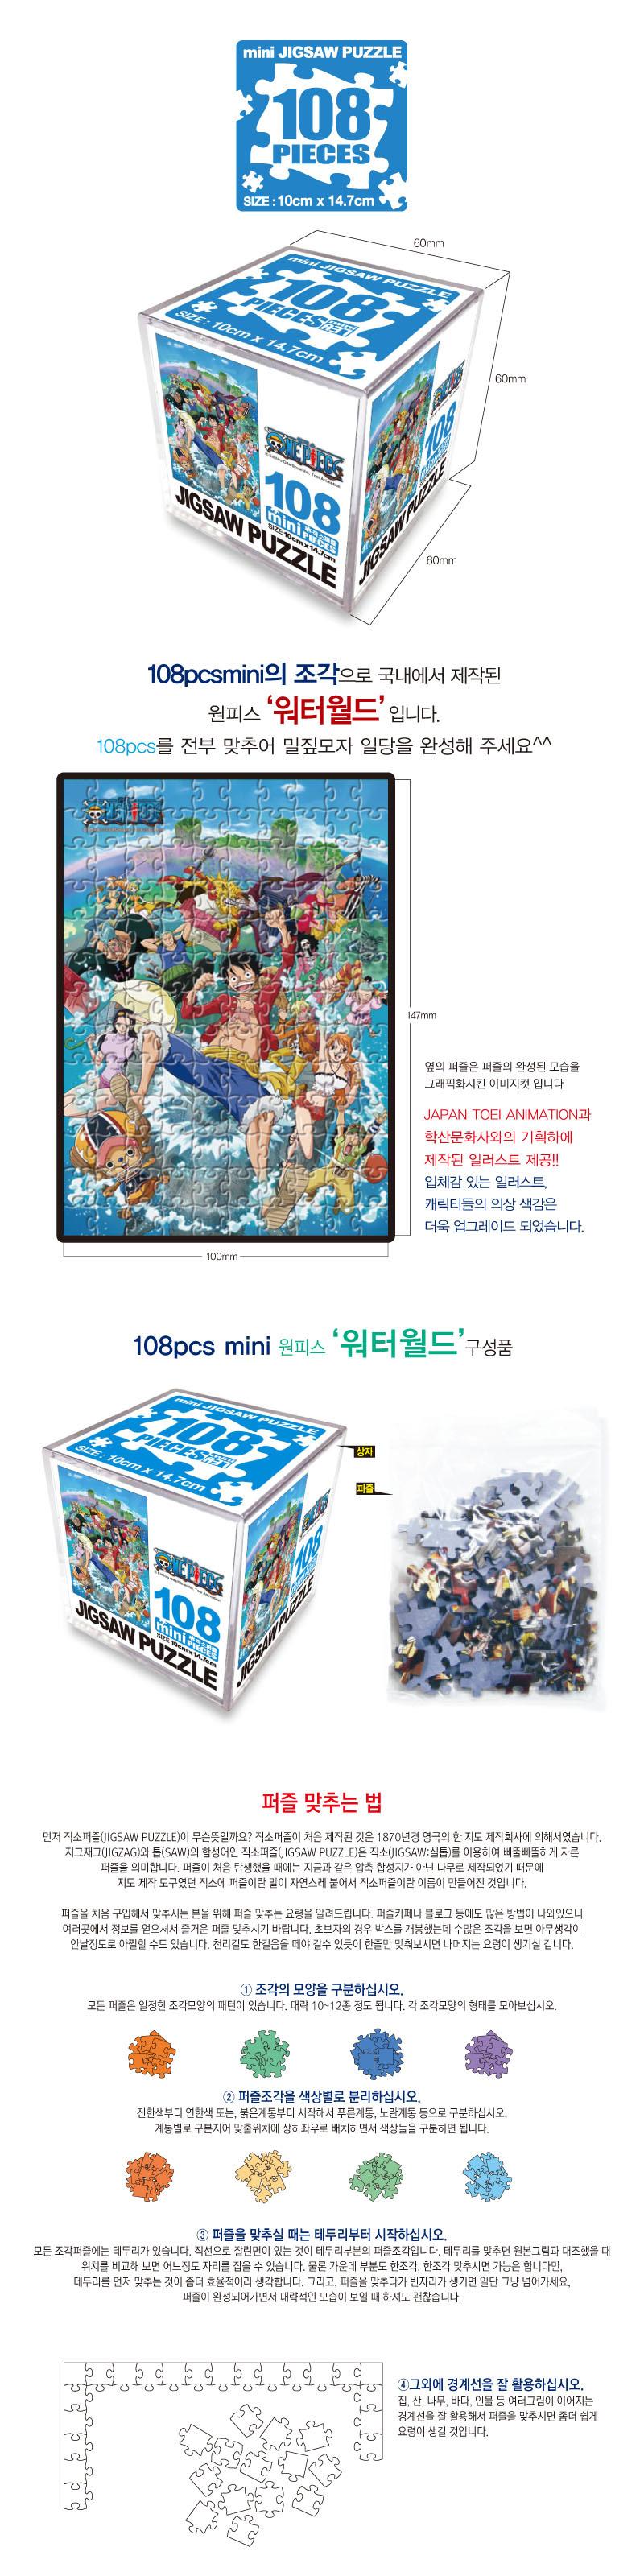 원피스 큐브 직소퍼즐 108pcs 워터월드 - 학산직소퍼즐, 5,000원, 조각/퍼즐, 만화/애니 직소퍼즐